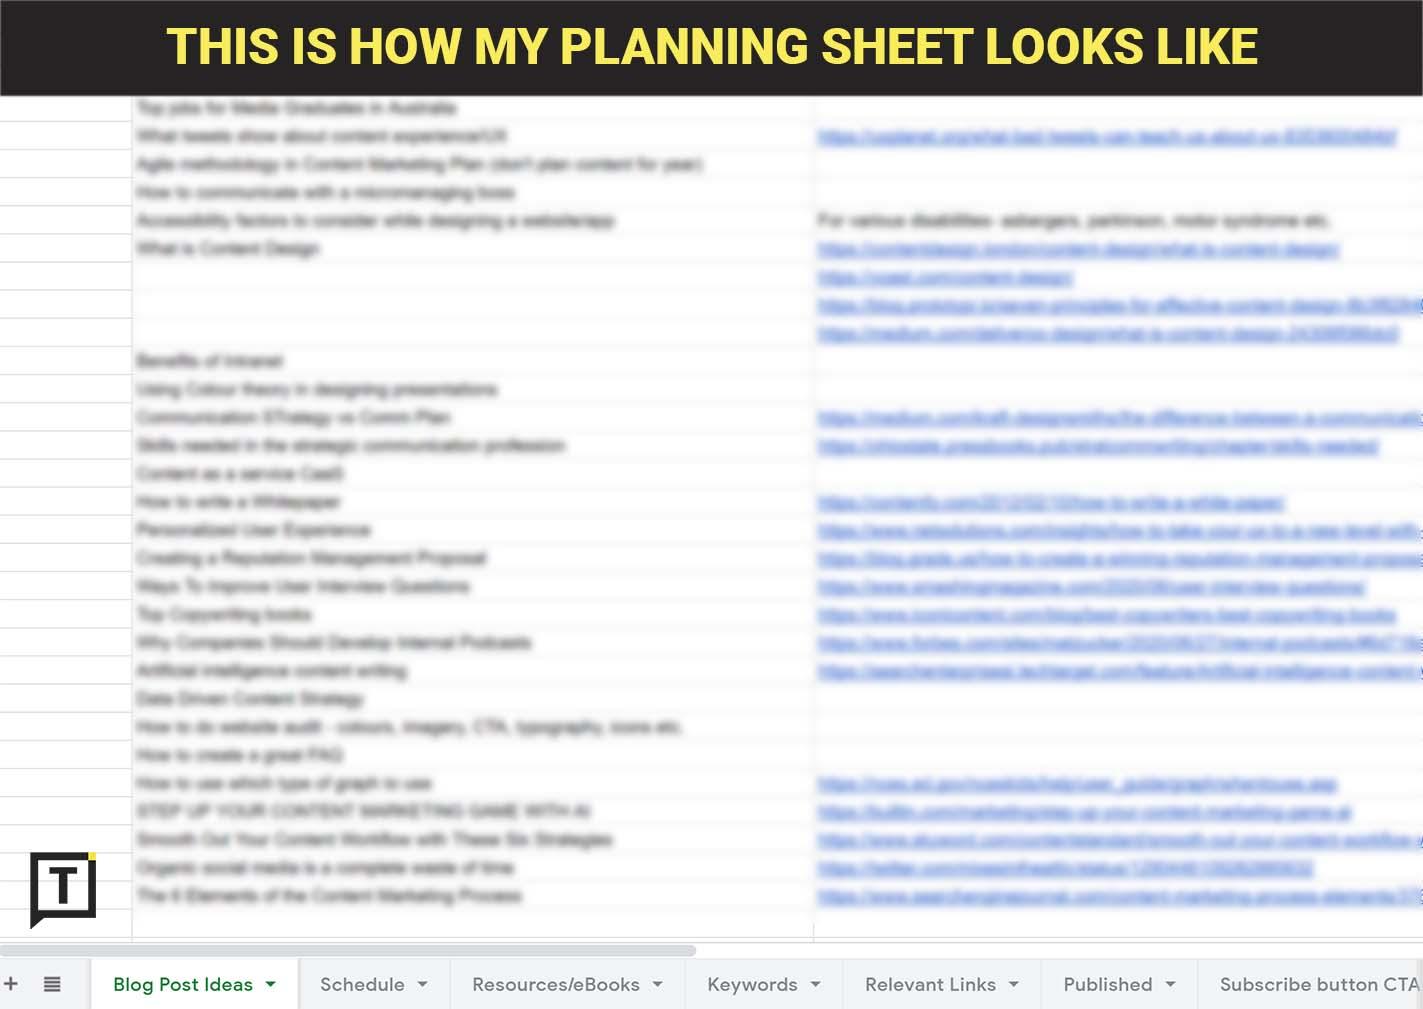 Content Calendar Planning Sheet